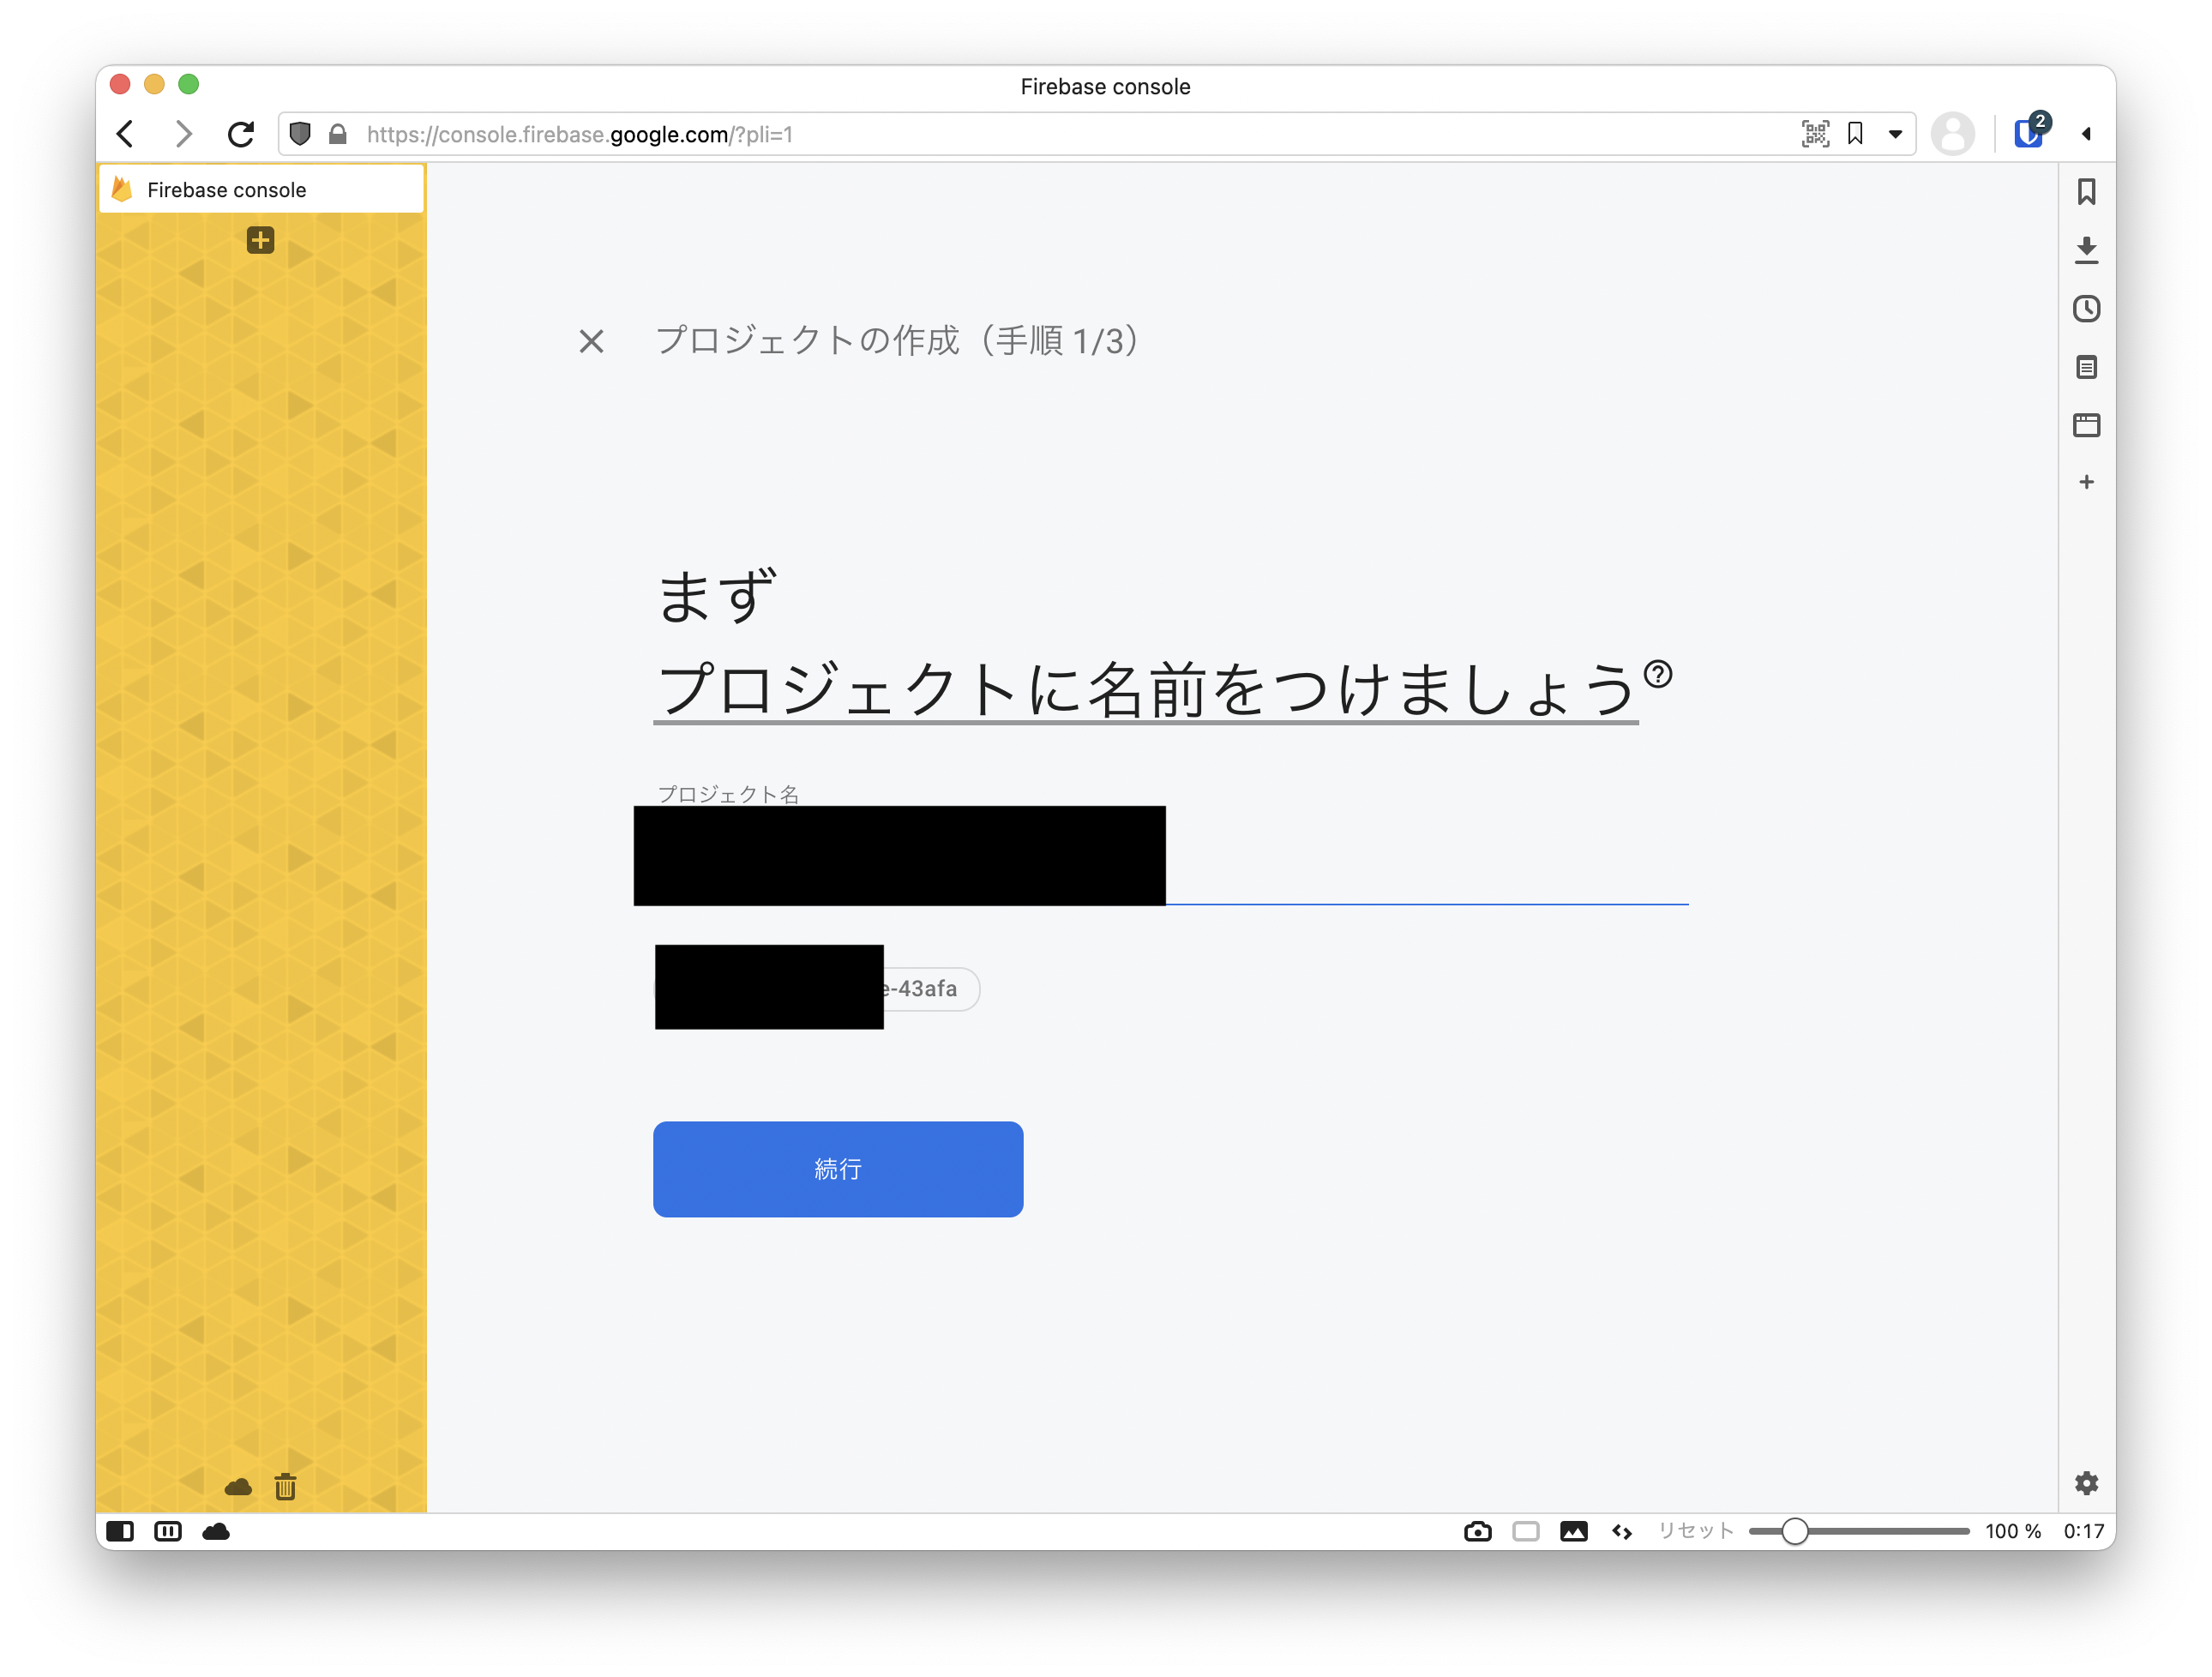 スクリーンショット 2021-03-18 0.17.36